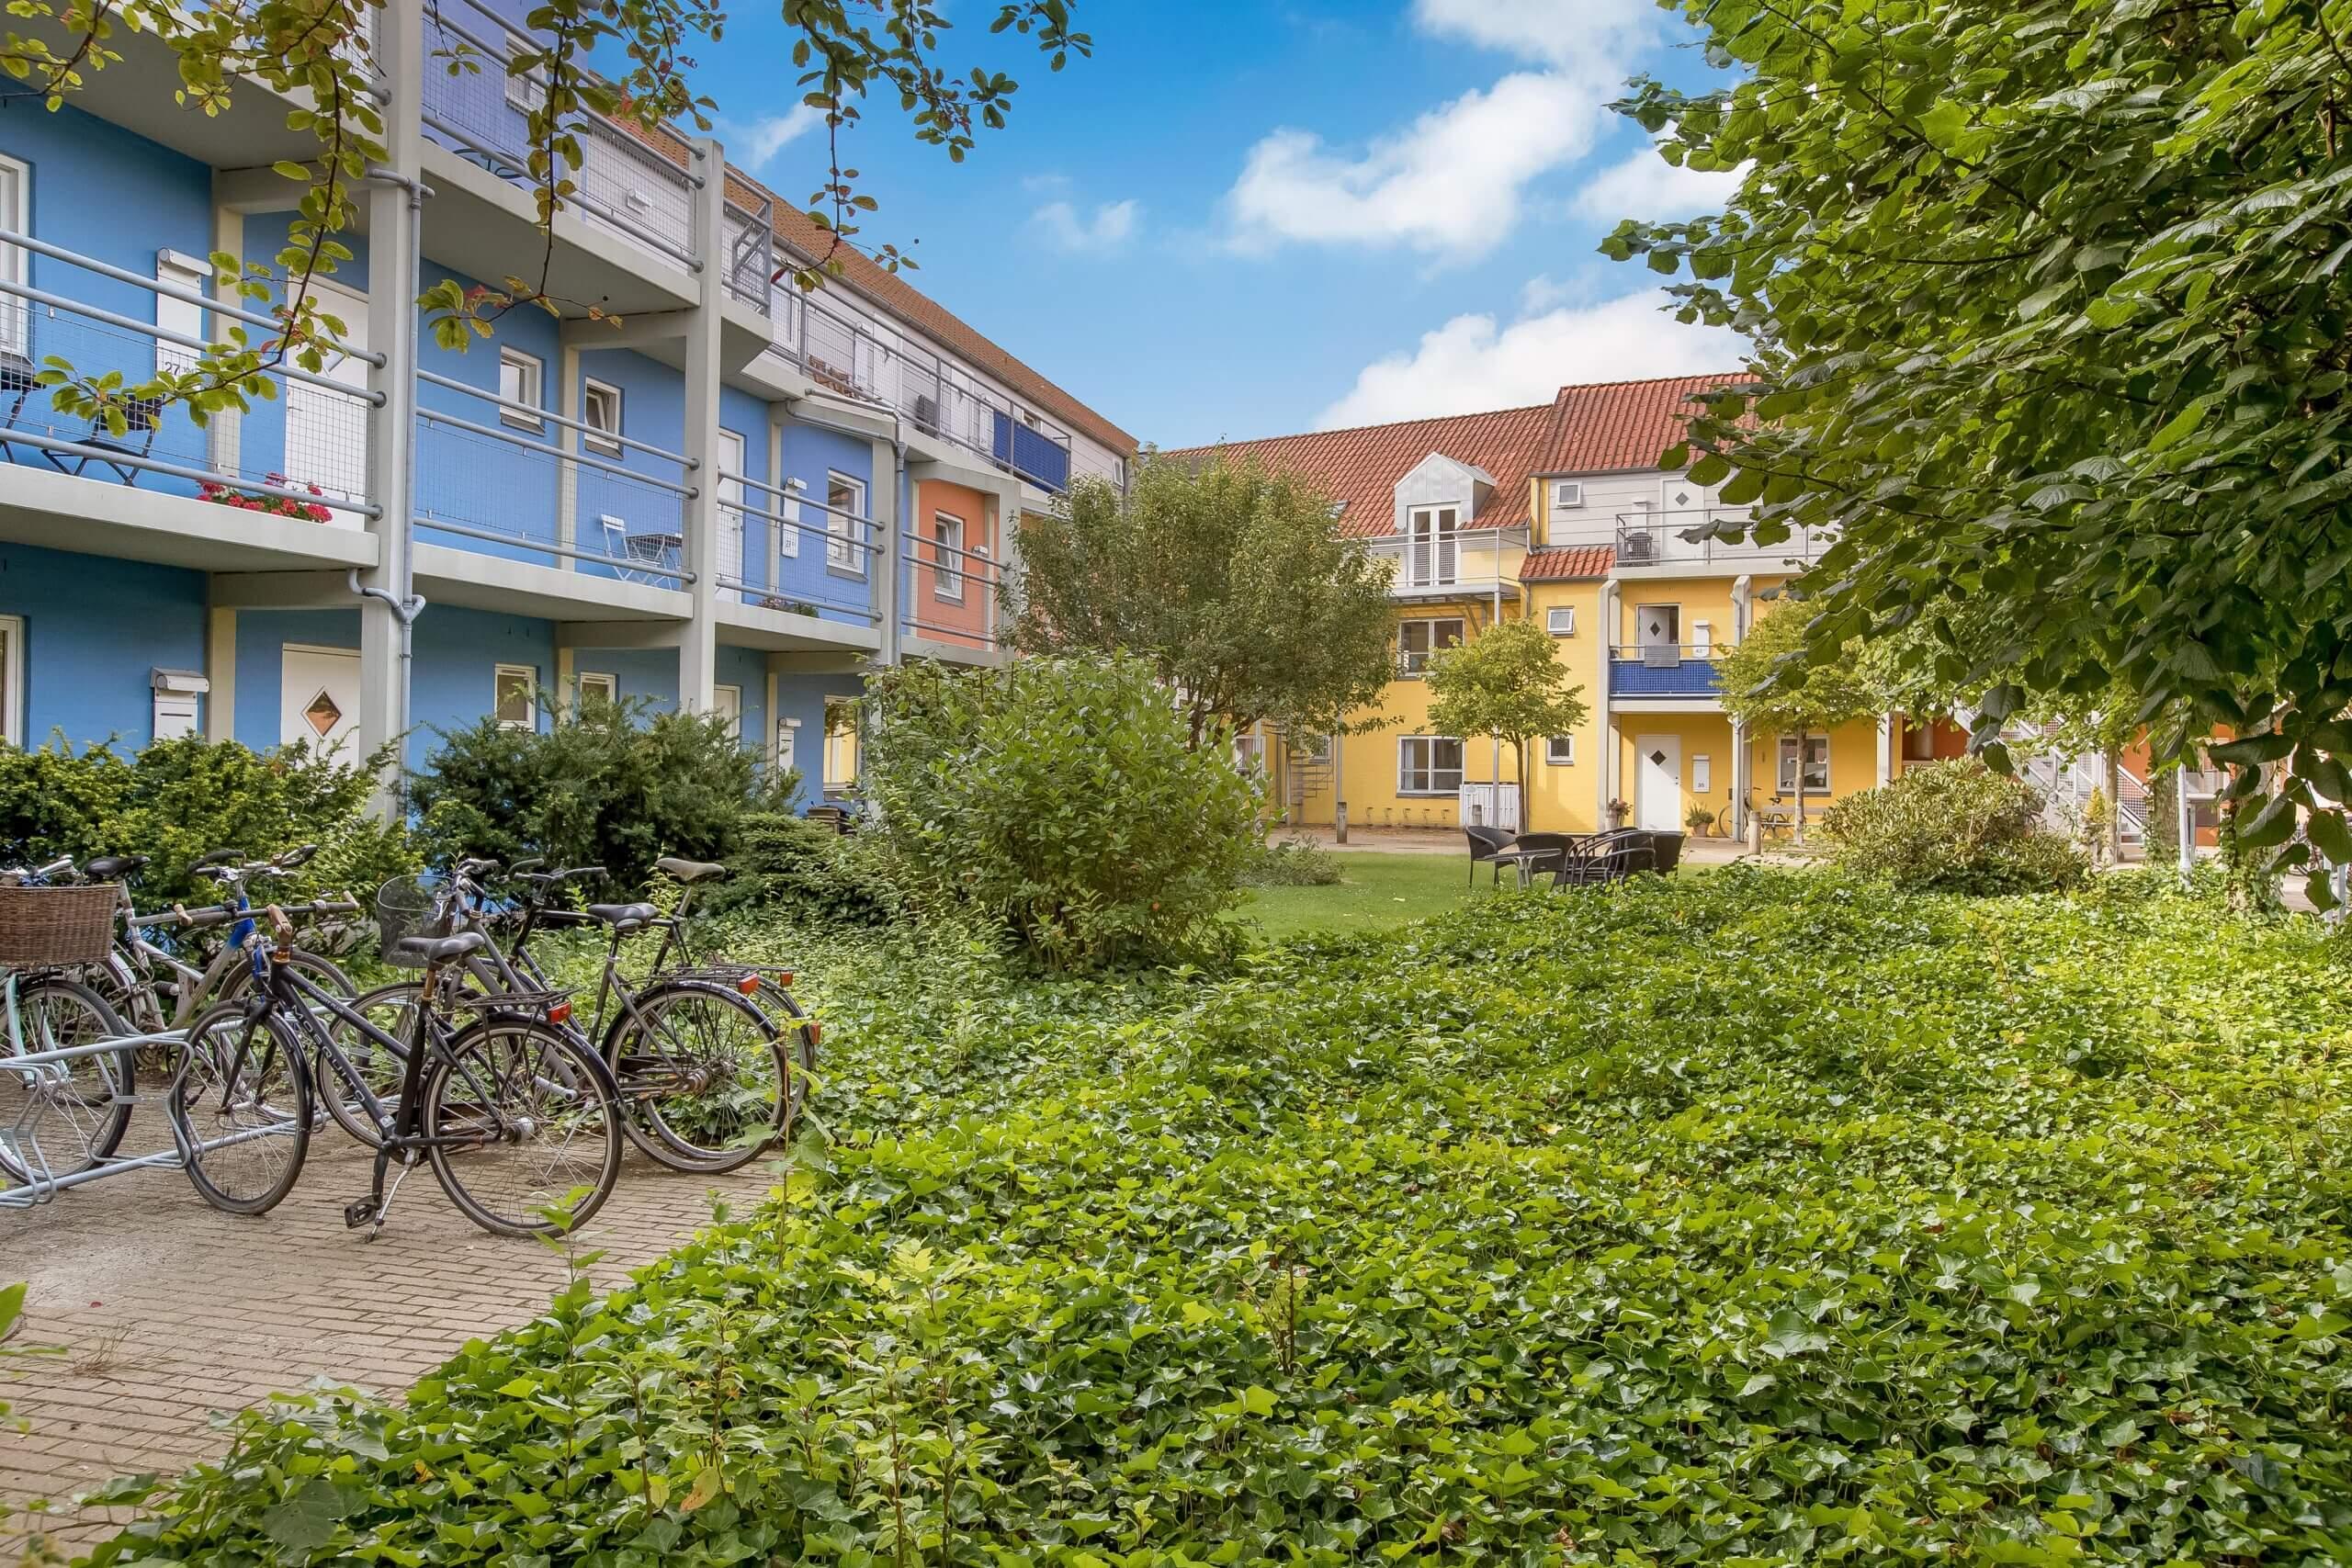 Amaliegården, lejeboliger udlejet af Heimstaden